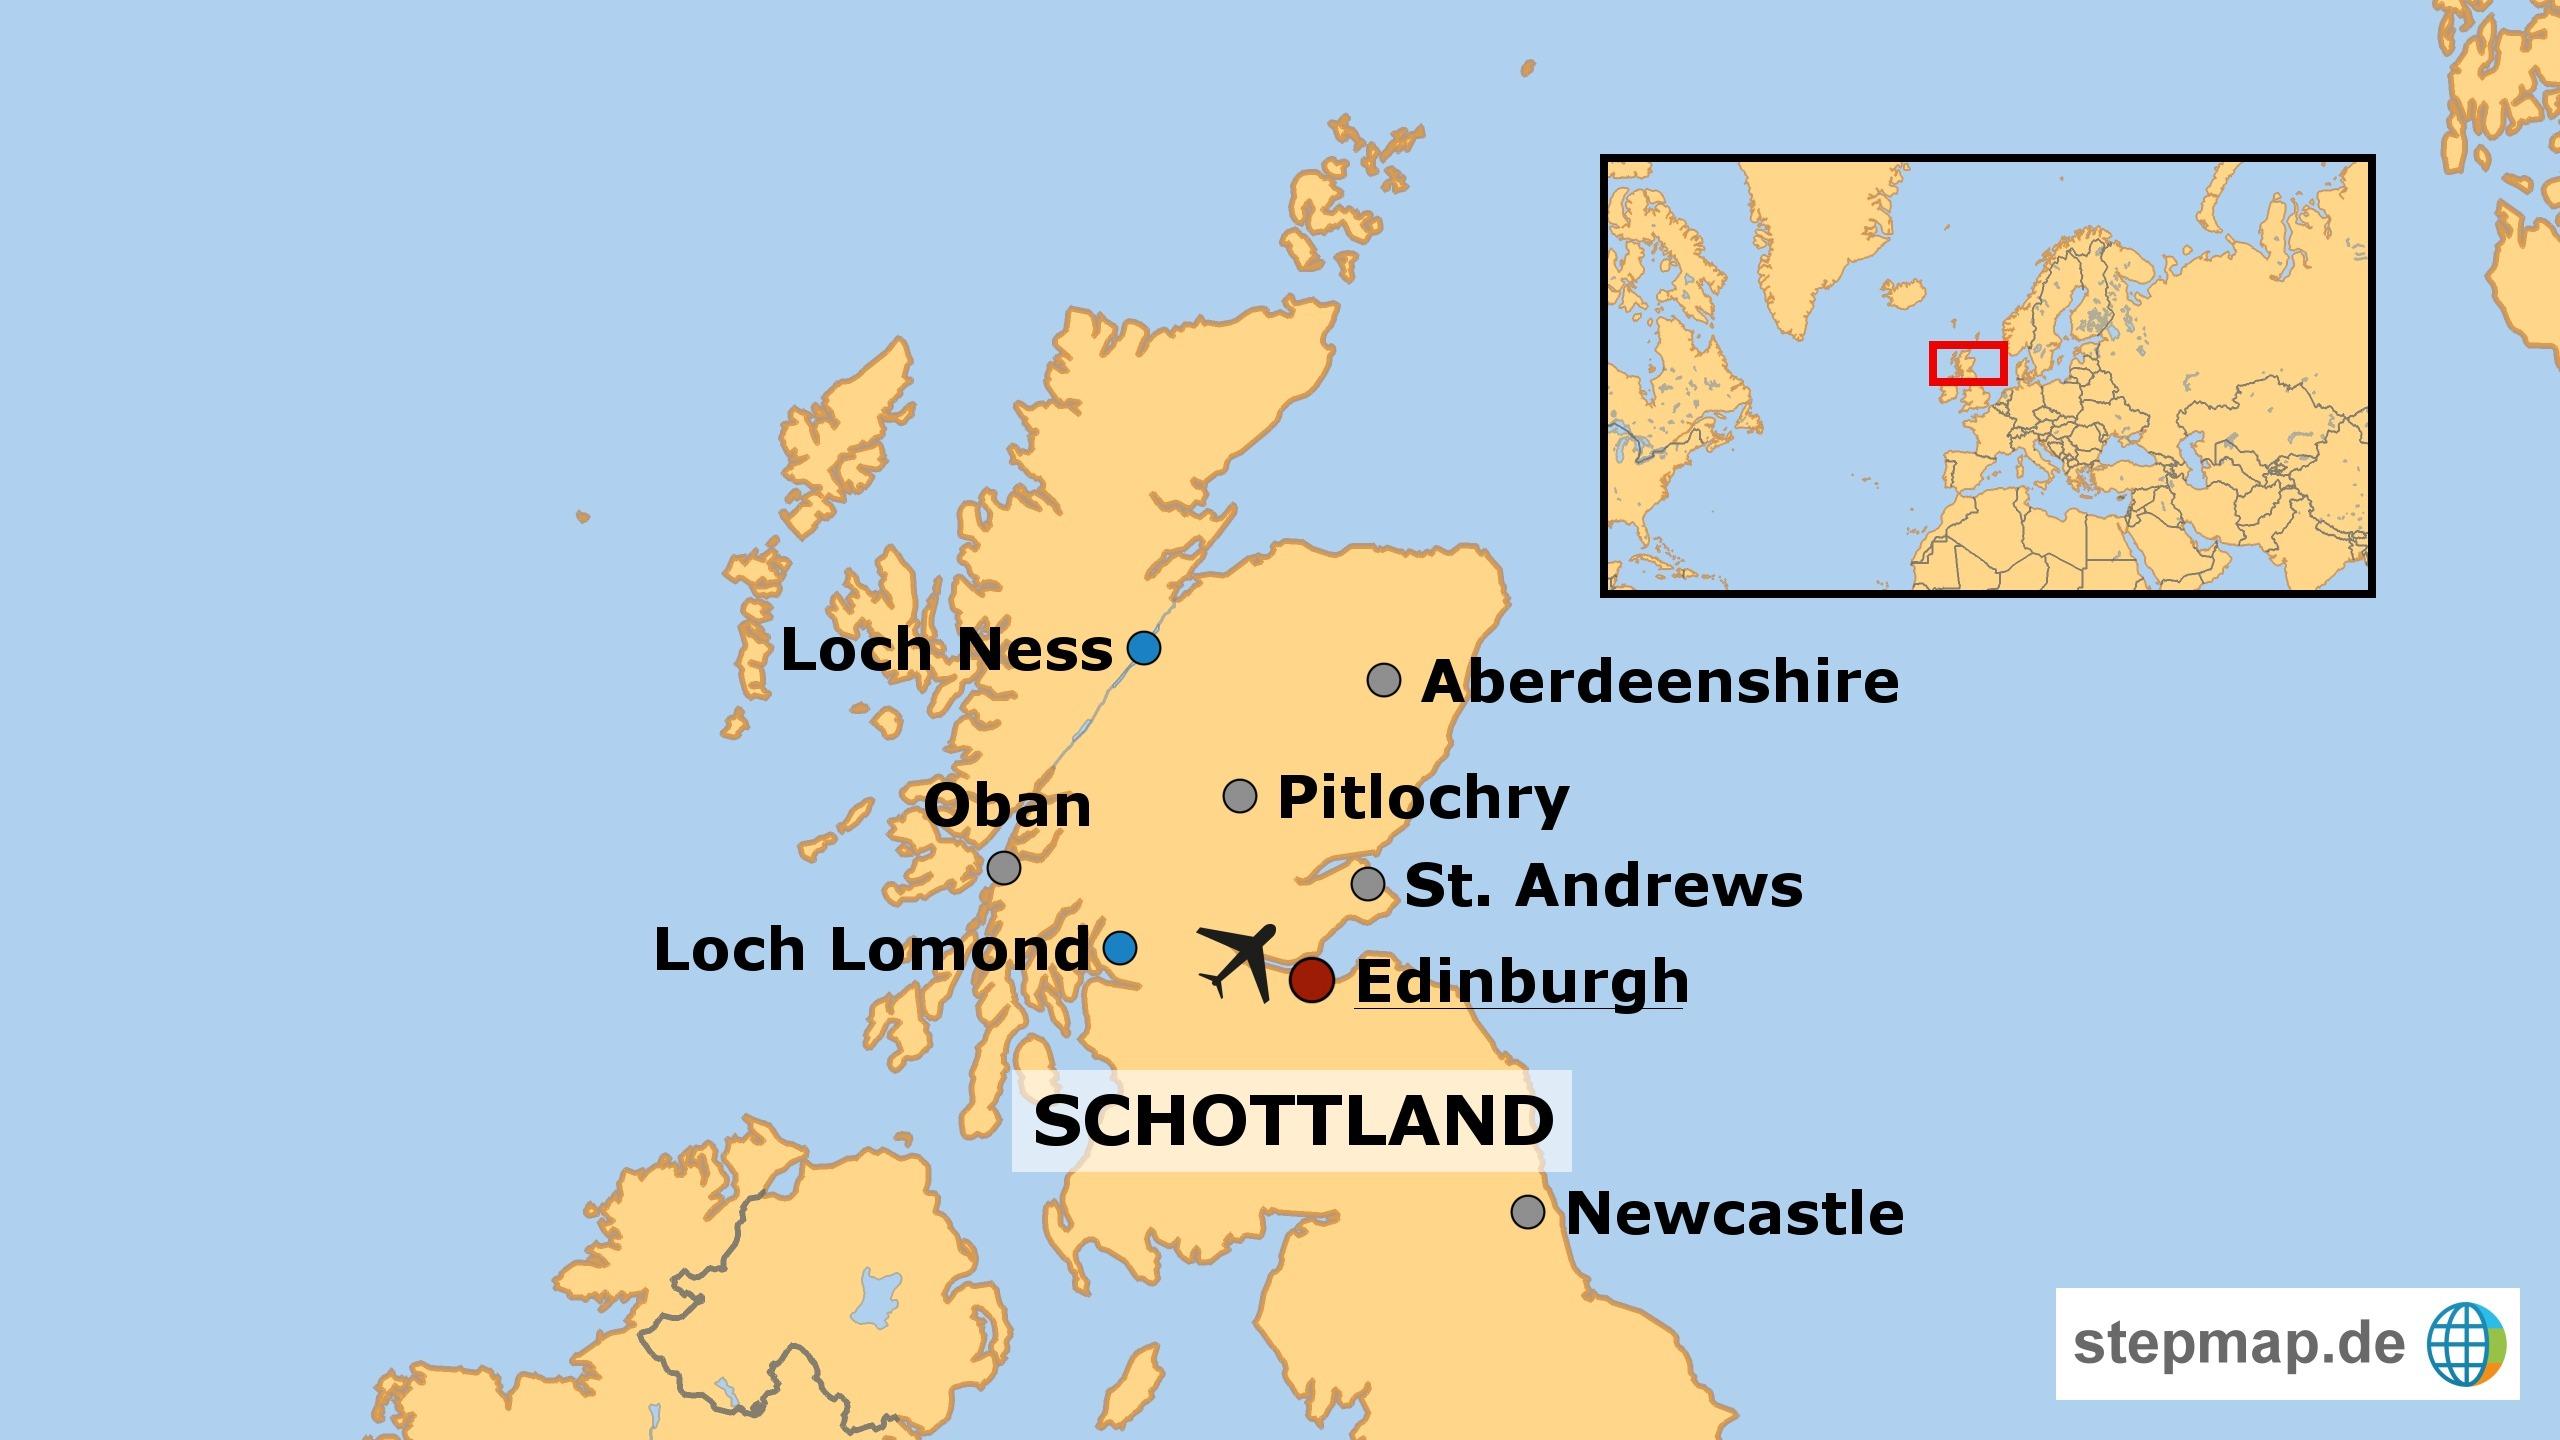 Standortreise Schottland Whisky Tasting Und Wanderungen